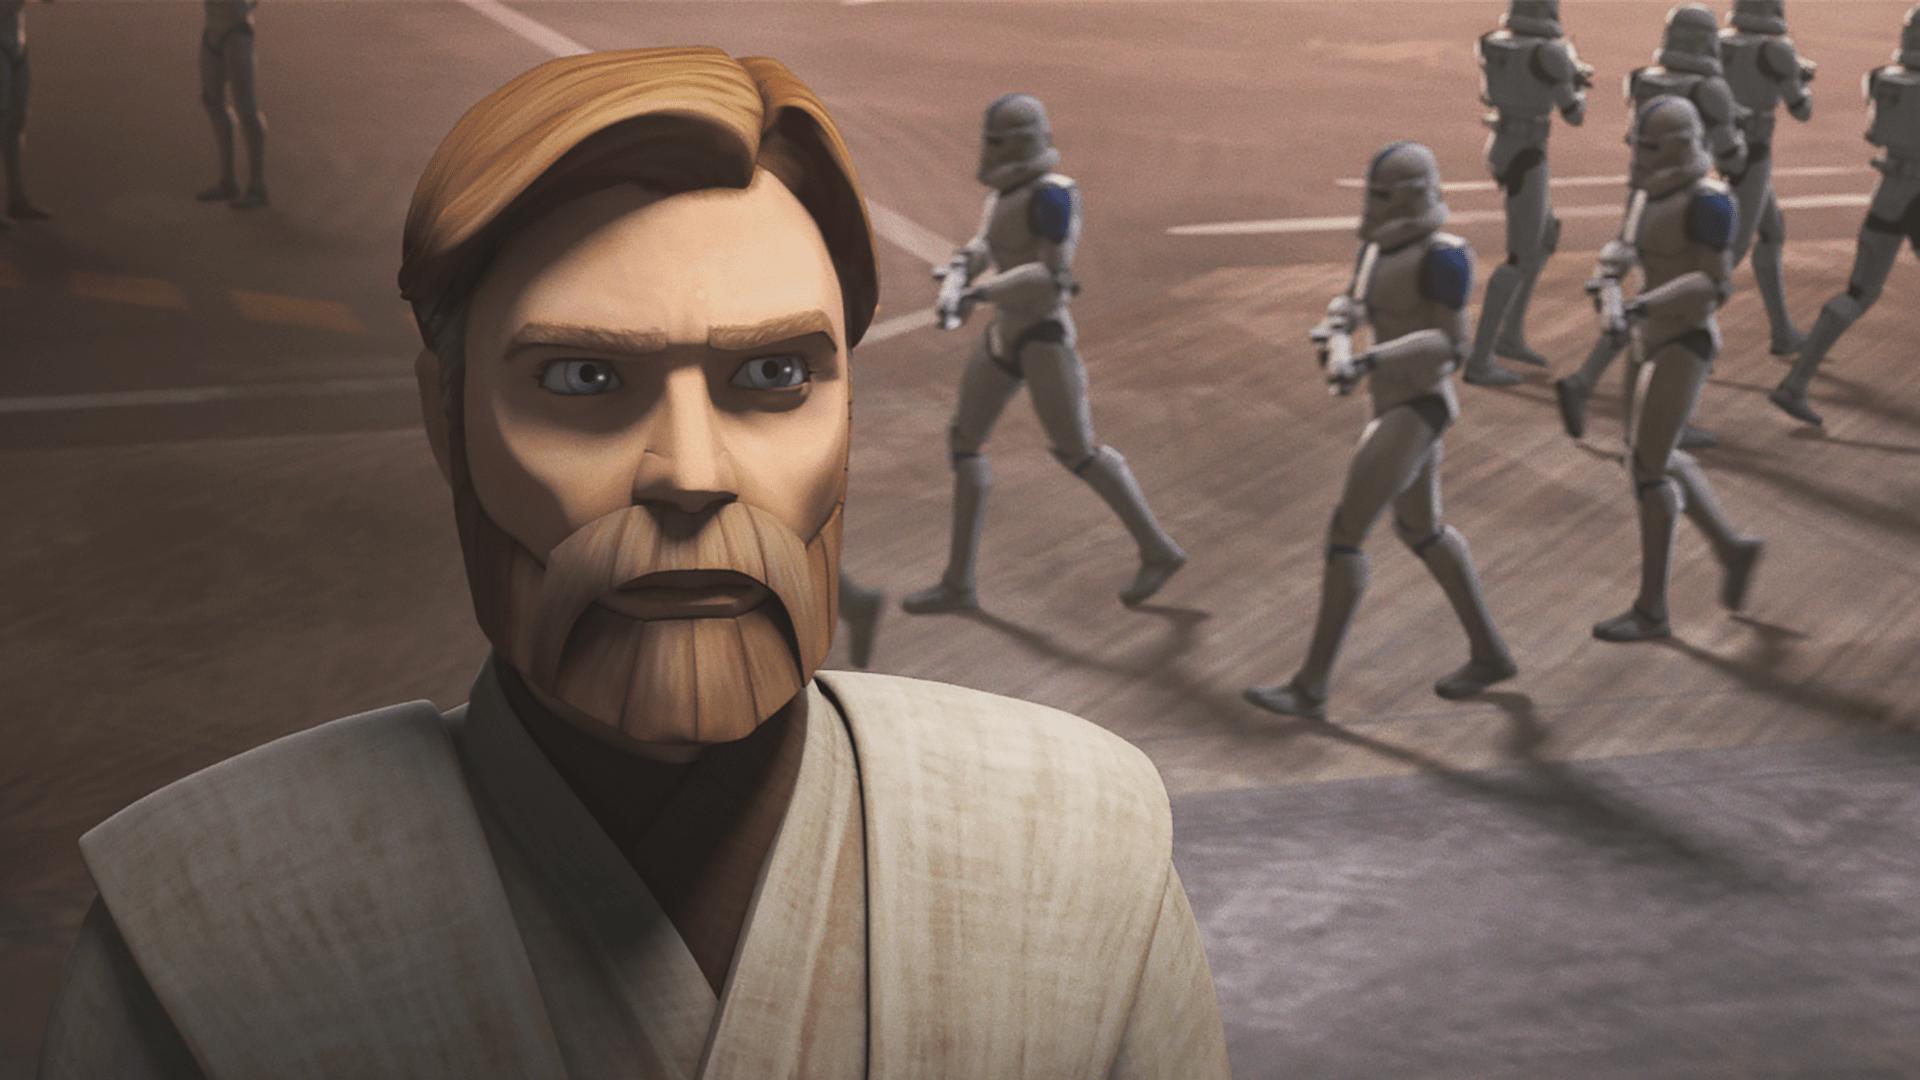 Risultato immagini per clone wars a distant echo